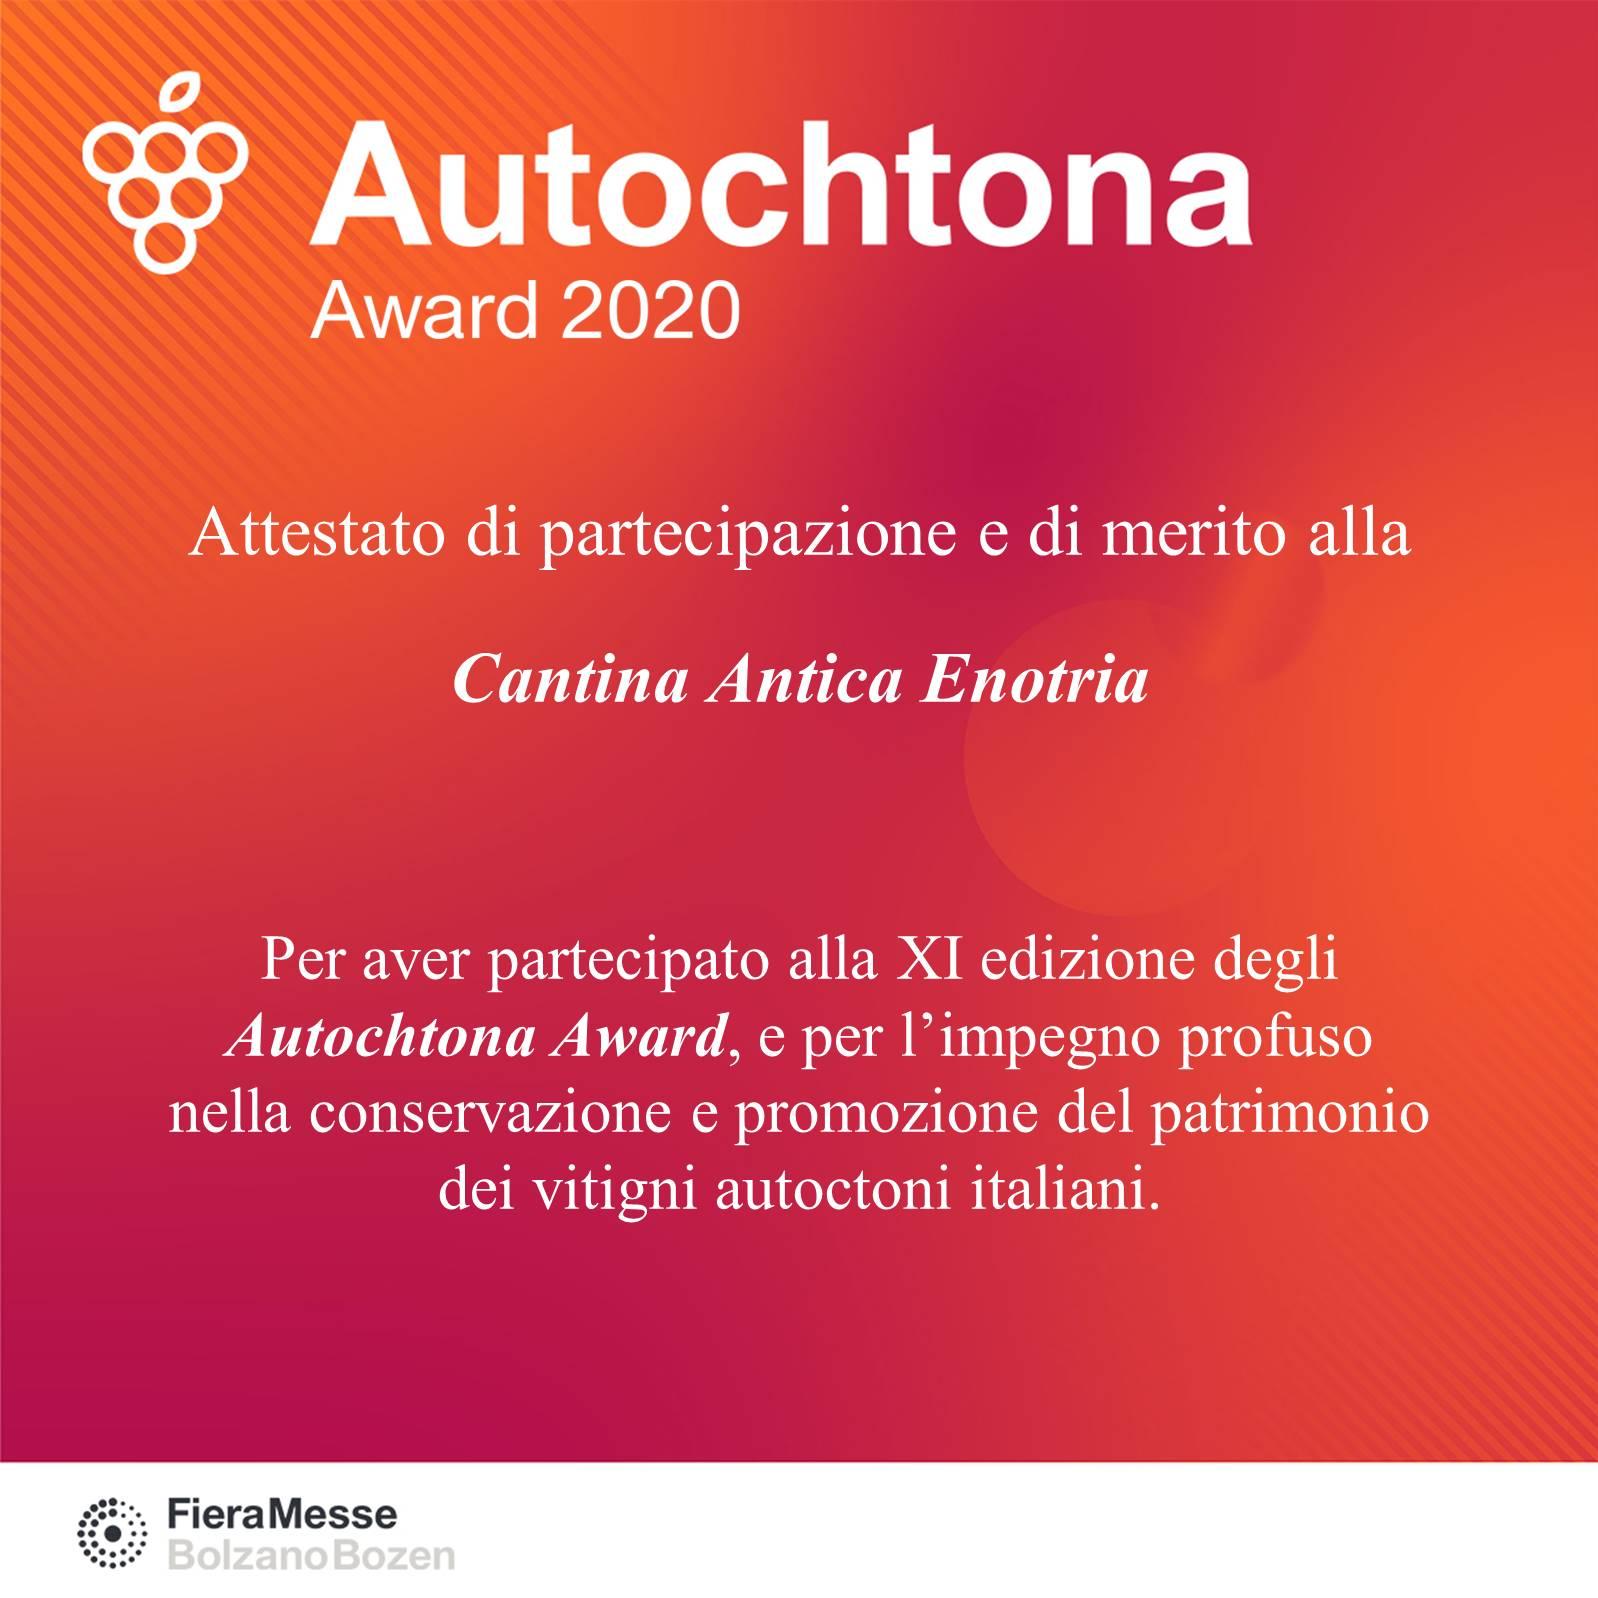 Autochtona Award 2020